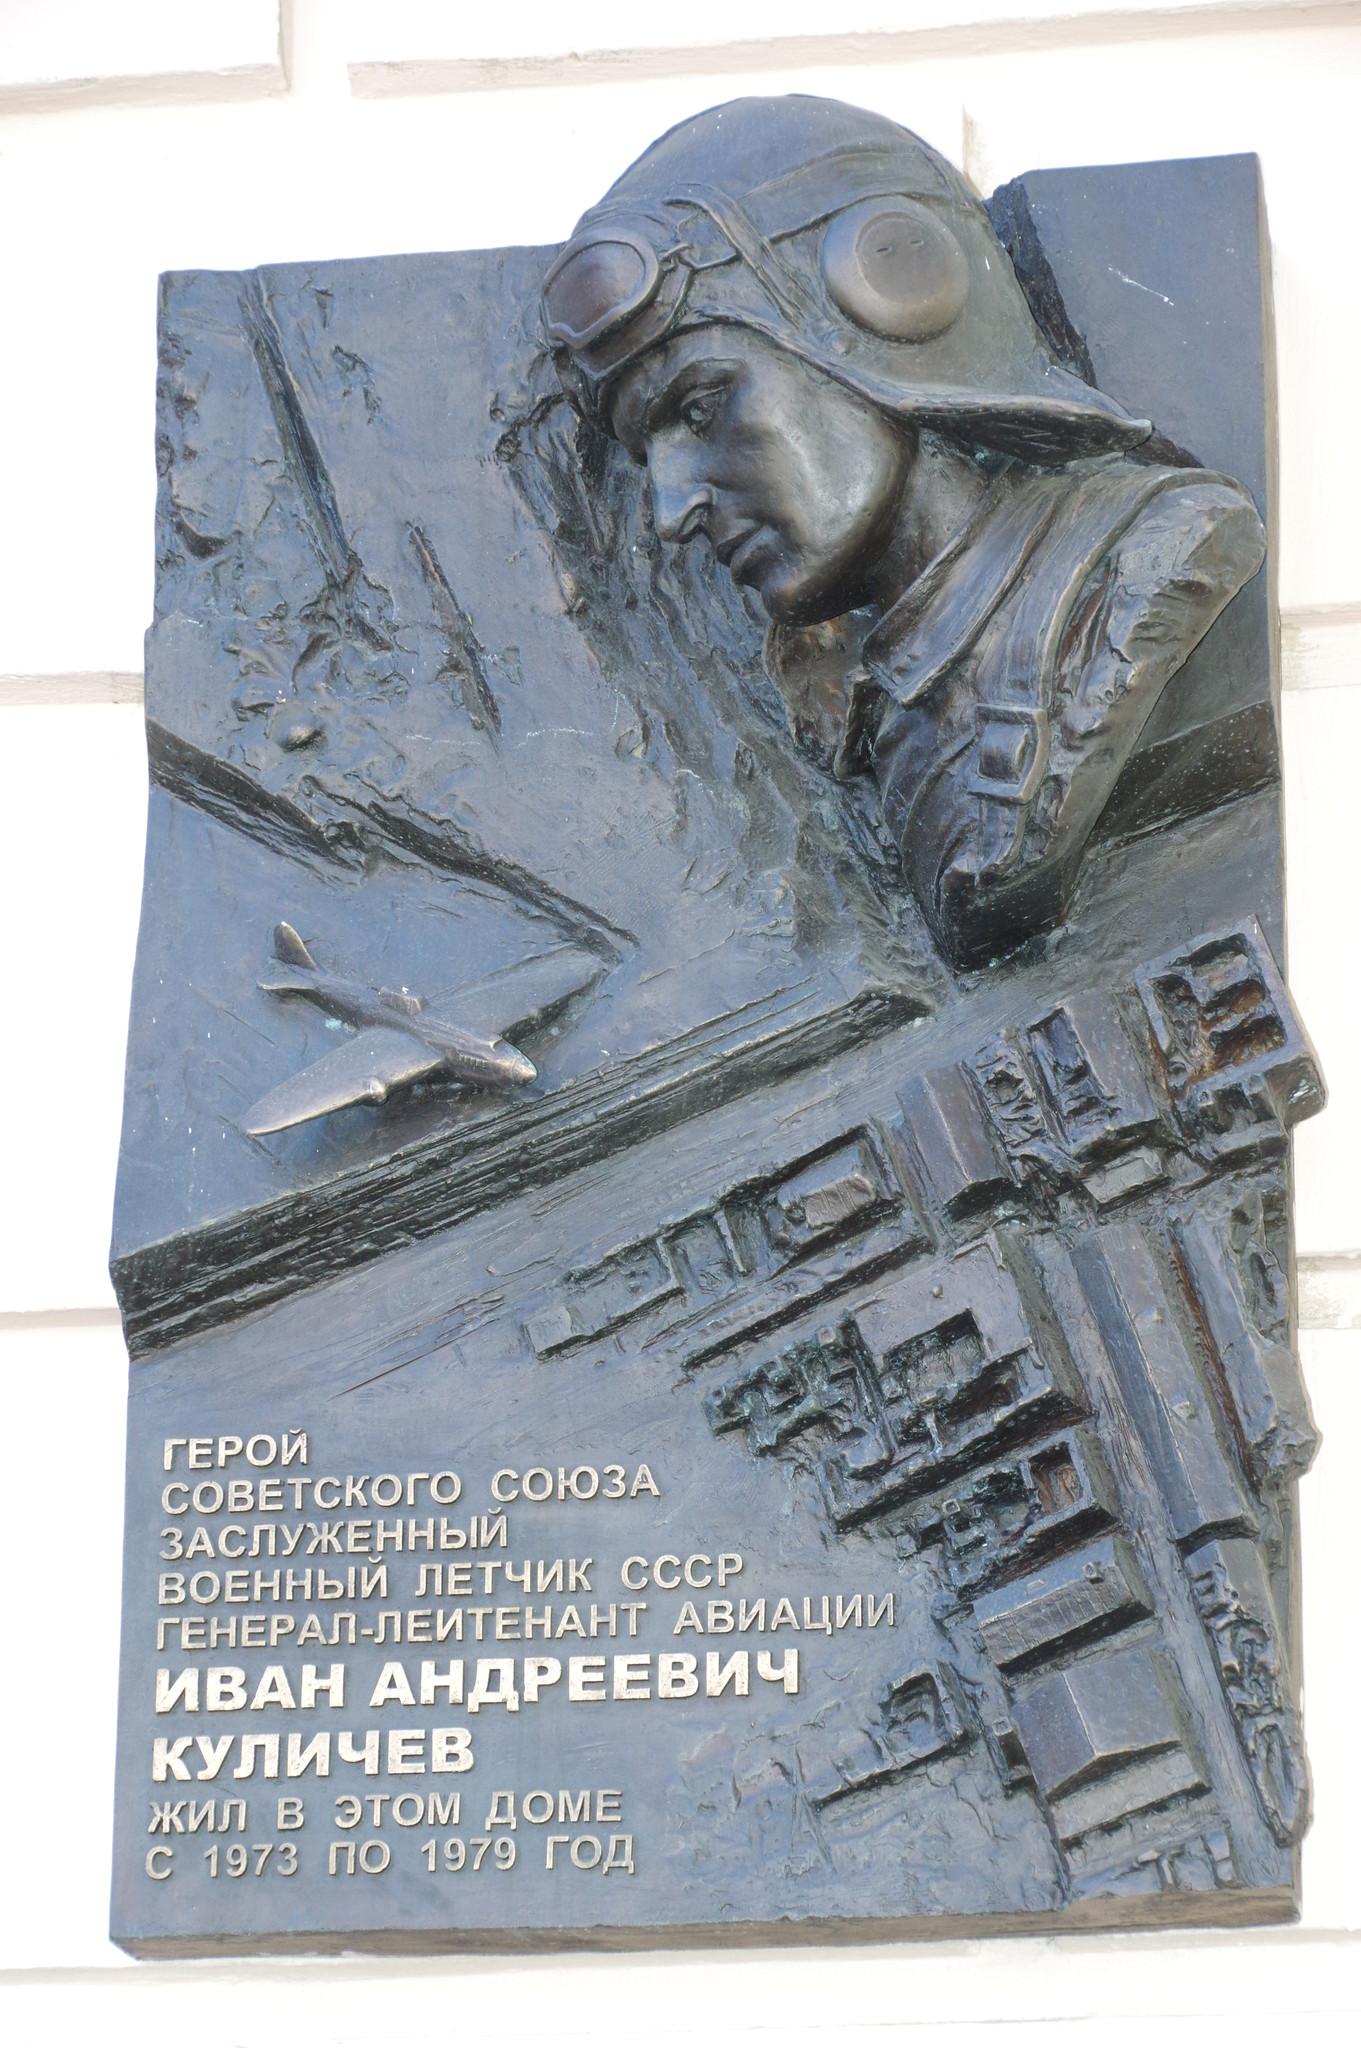 Мемориальная доска на фасаде дома (Ленинградский проспект, дом 59), где с 1973 года по 1979 год жил Герой Советского Союза, заслуженный военный лётчик СССР, генерал-лейтенант авиации Иван Андреевич Куличев